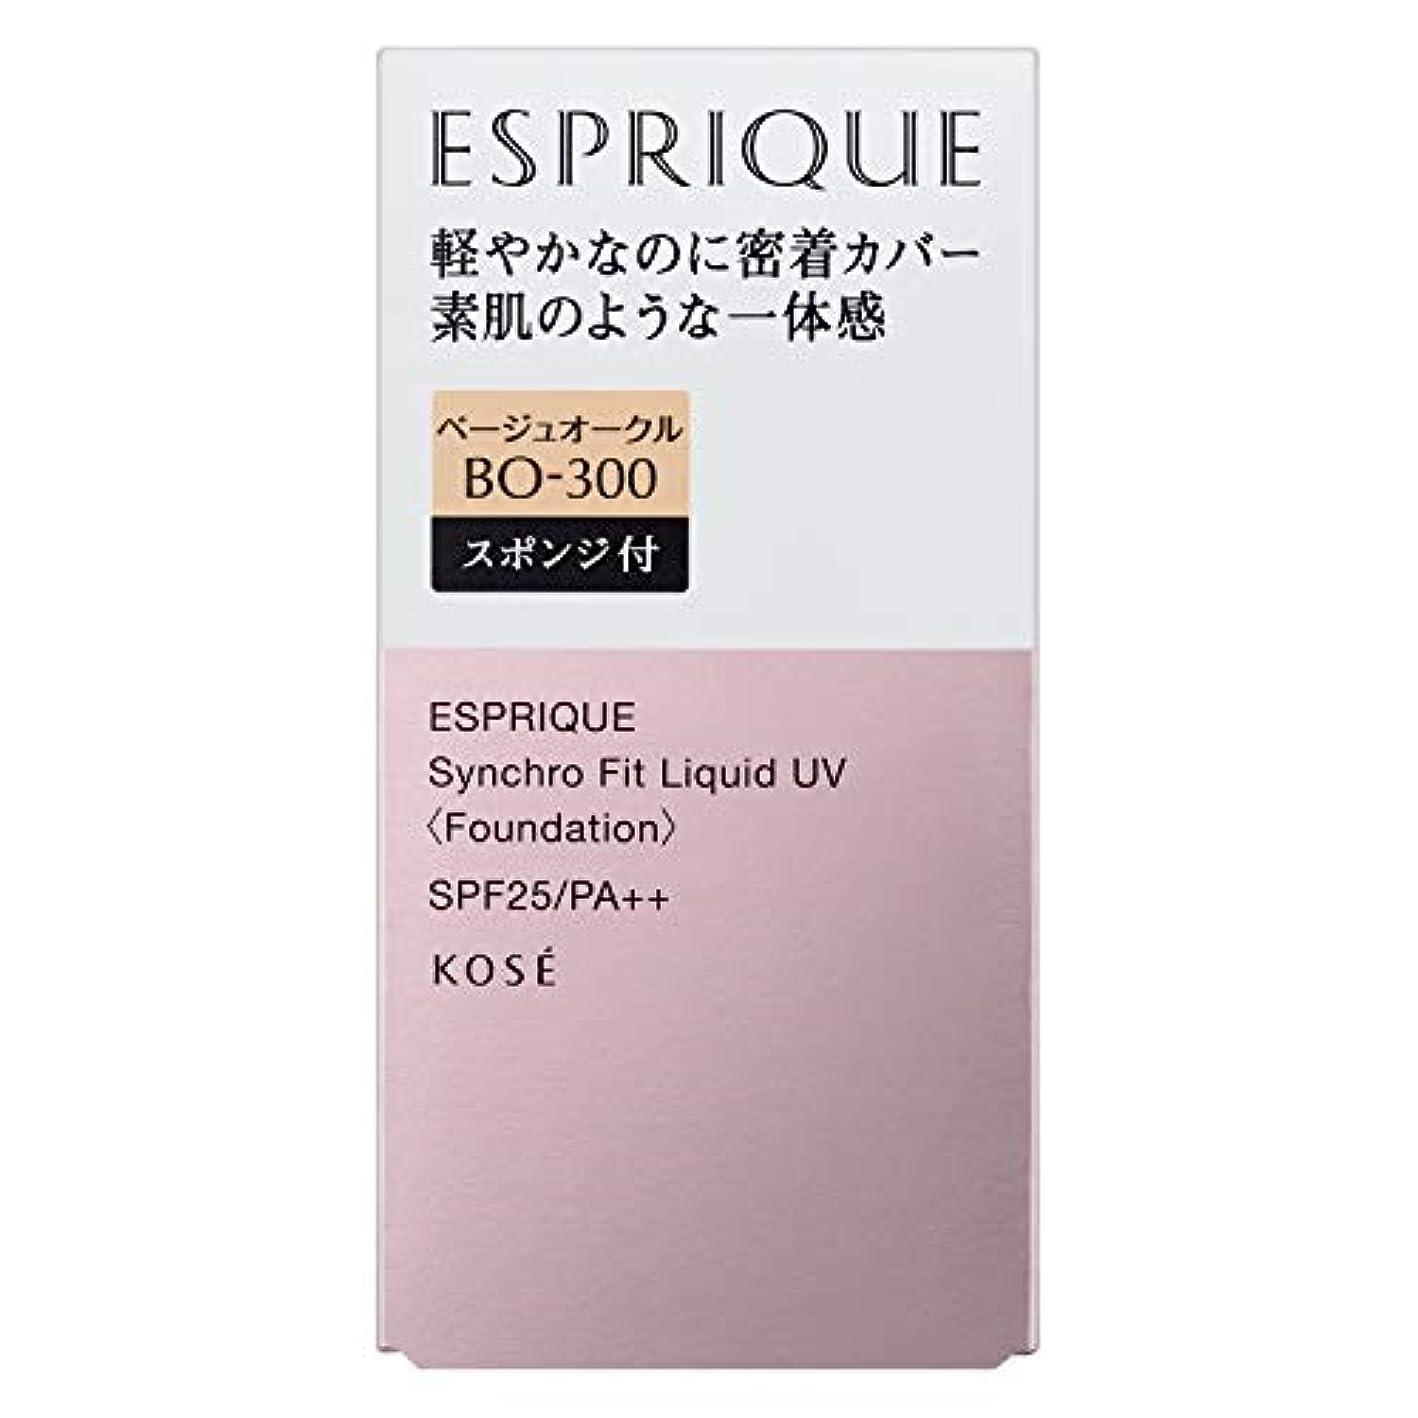 本体フォアマンあそこESPRIQUE(エスプリーク) エスプリーク シンクロフィット リキッド UV ファンデーション 無香料 BO-300 ベージュオークル 30g